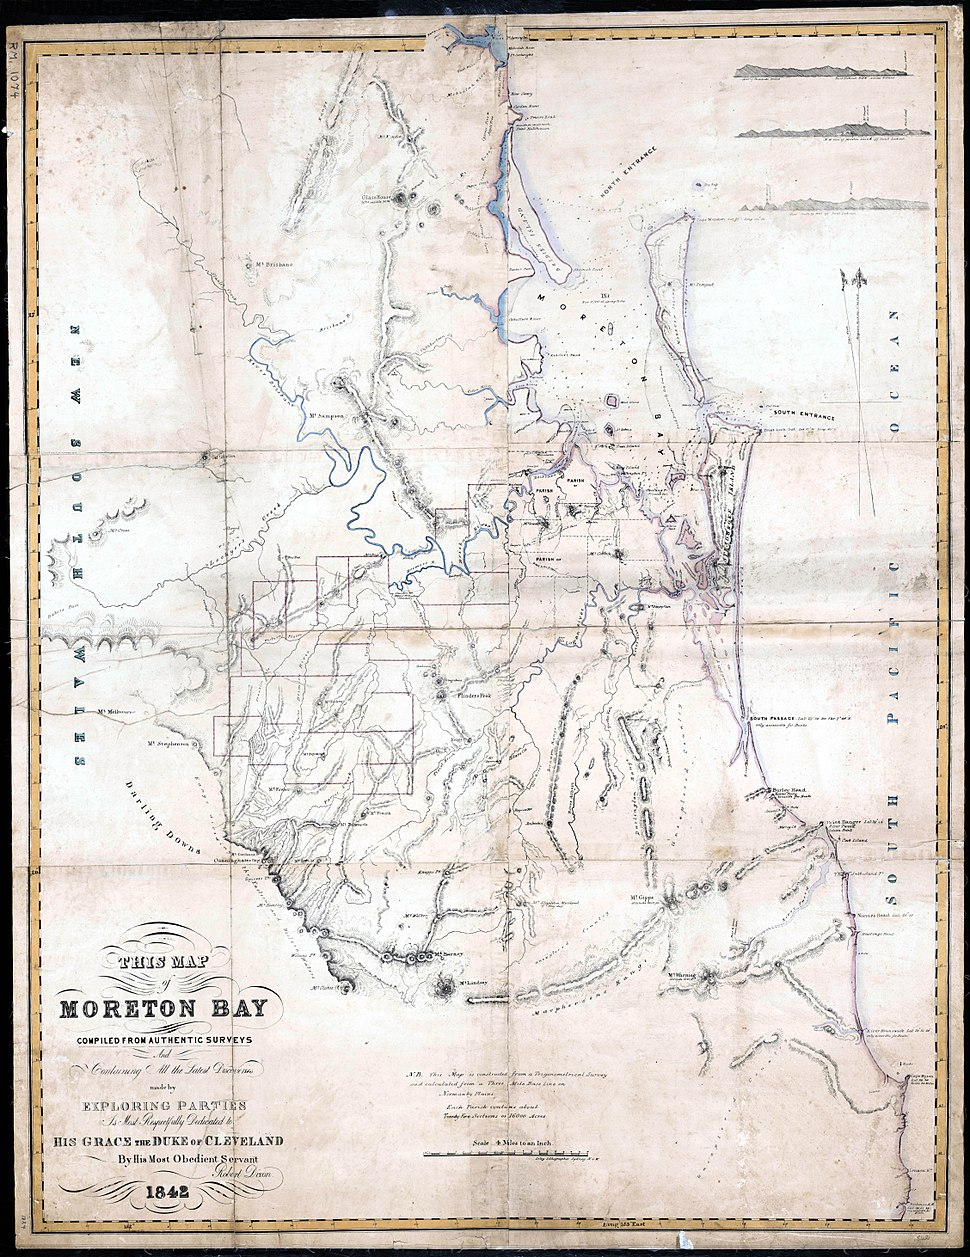 Dixon (1842)